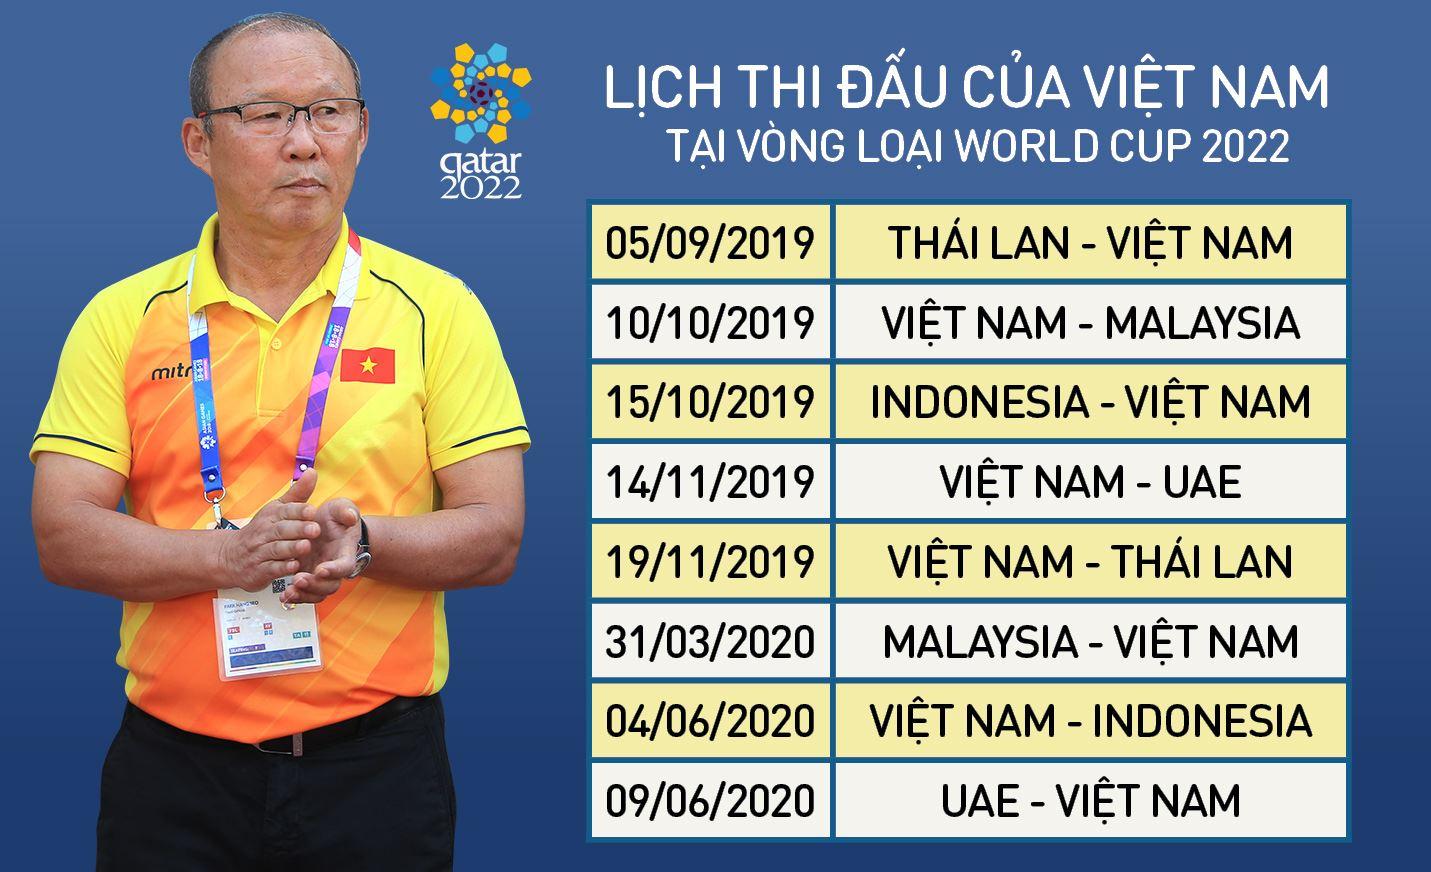 bóng đá, bóng đá Việt Nam, lịch thi đấu vòng loại World Cup 2022 châu Á, đội tuyển Việt Nam, bốc thăm WC 2022, Thái Lan vs Việt Nam, Việt Nam vs Thái Lan